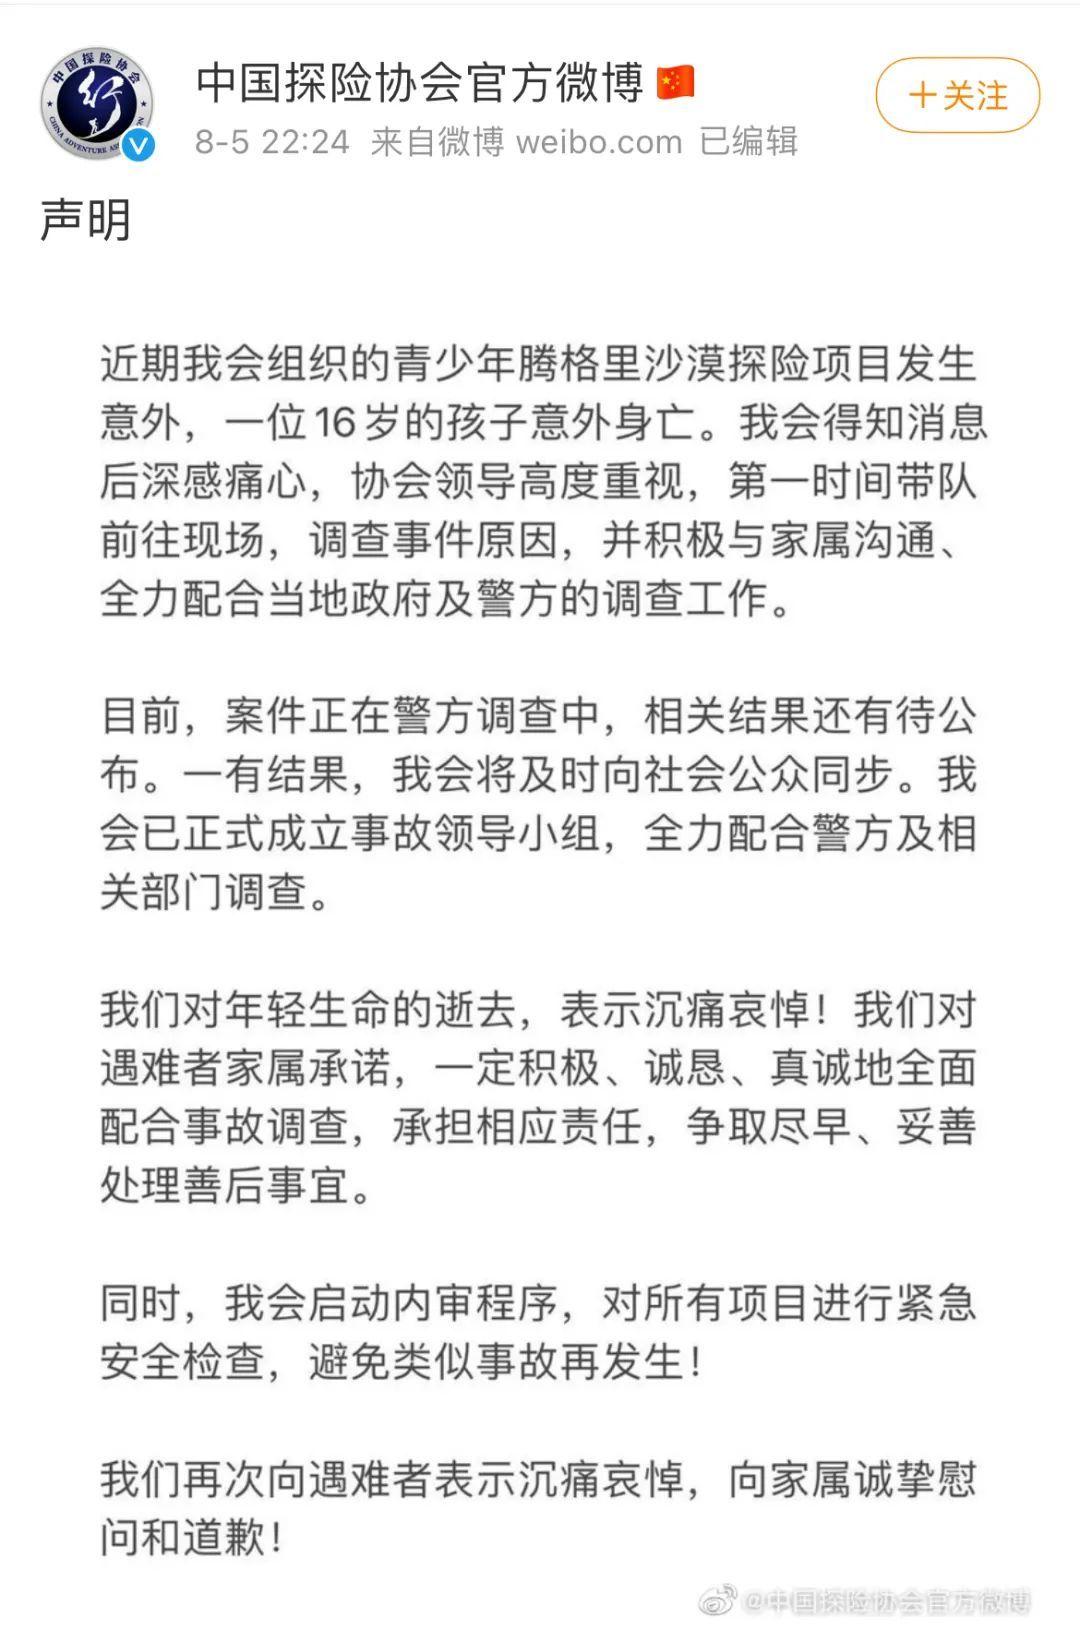 中国探险协会官方微博截图